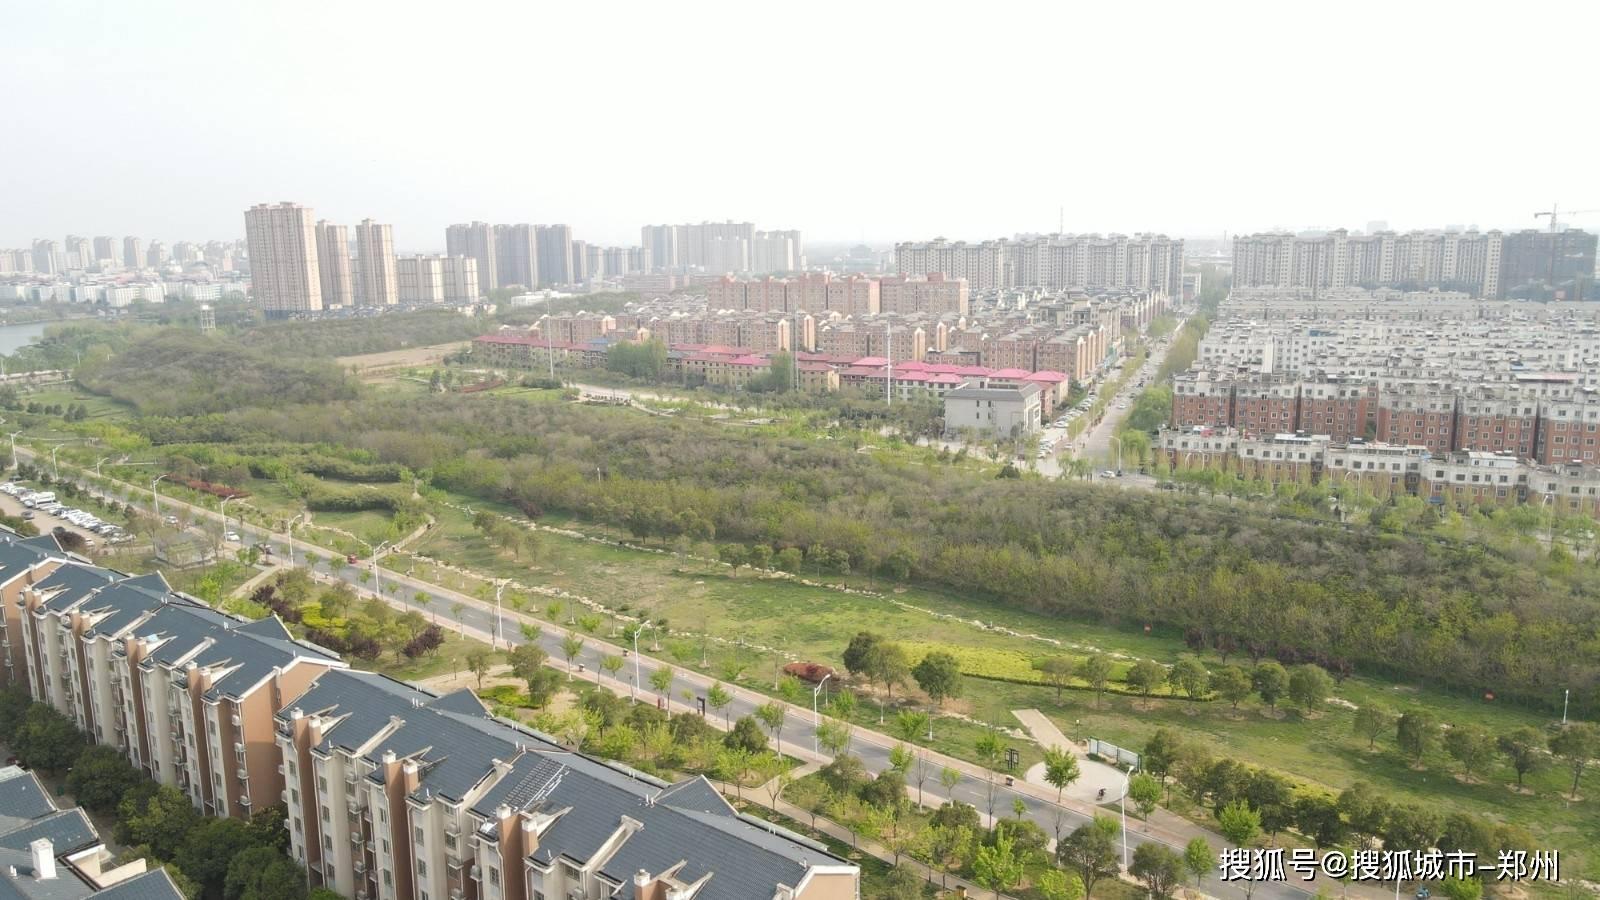 到郑韩故城国家考古遗址公园感受厚重历史吧